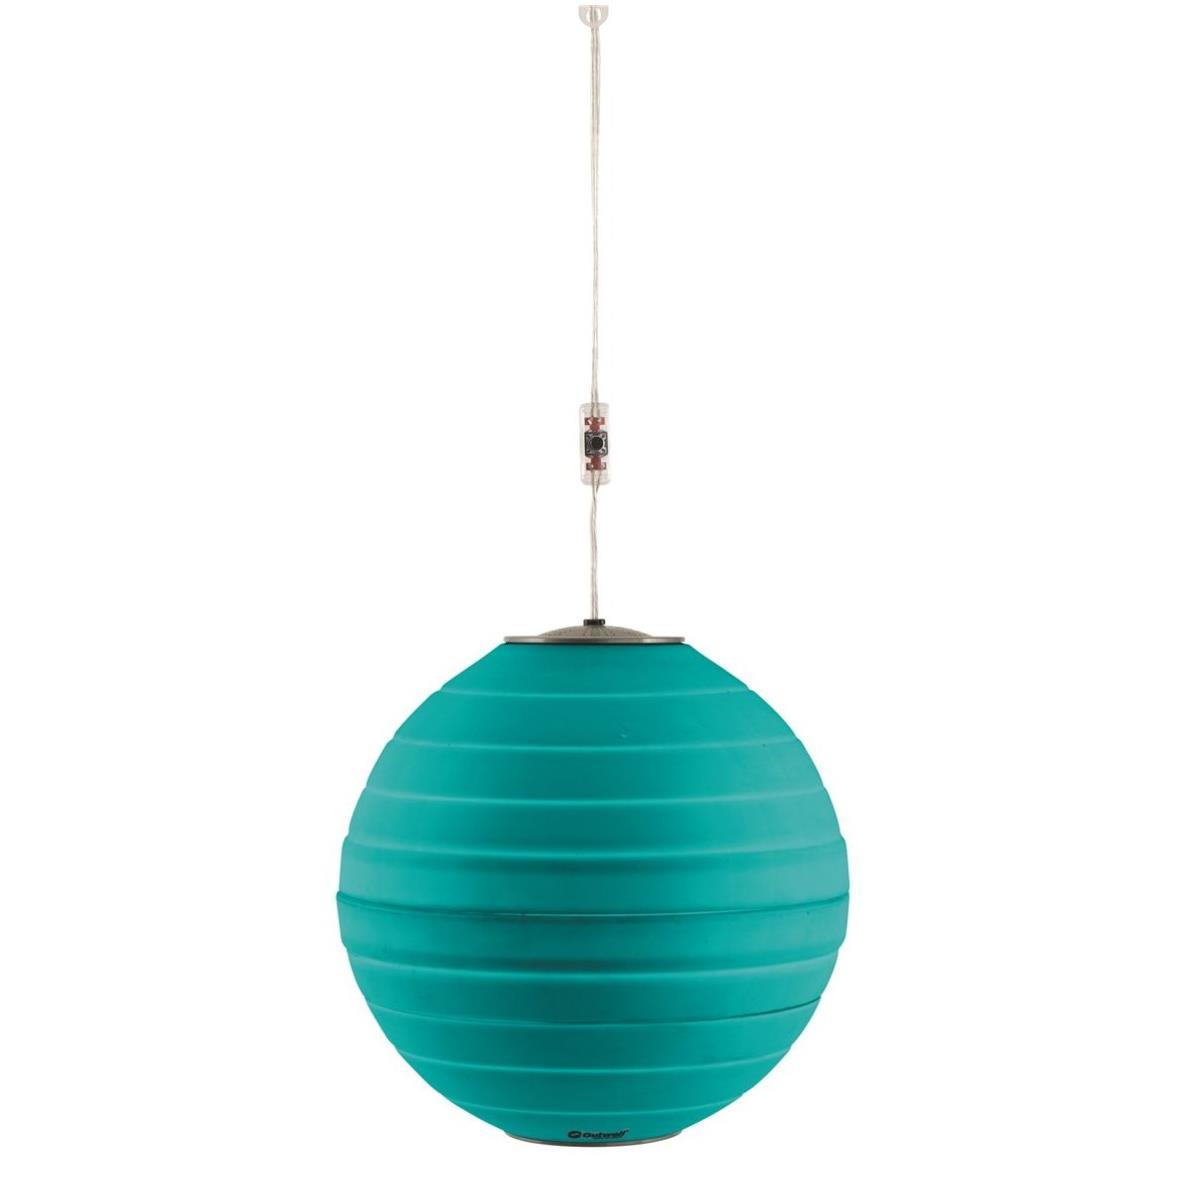 Outwell Mira Campinglampe deep blue